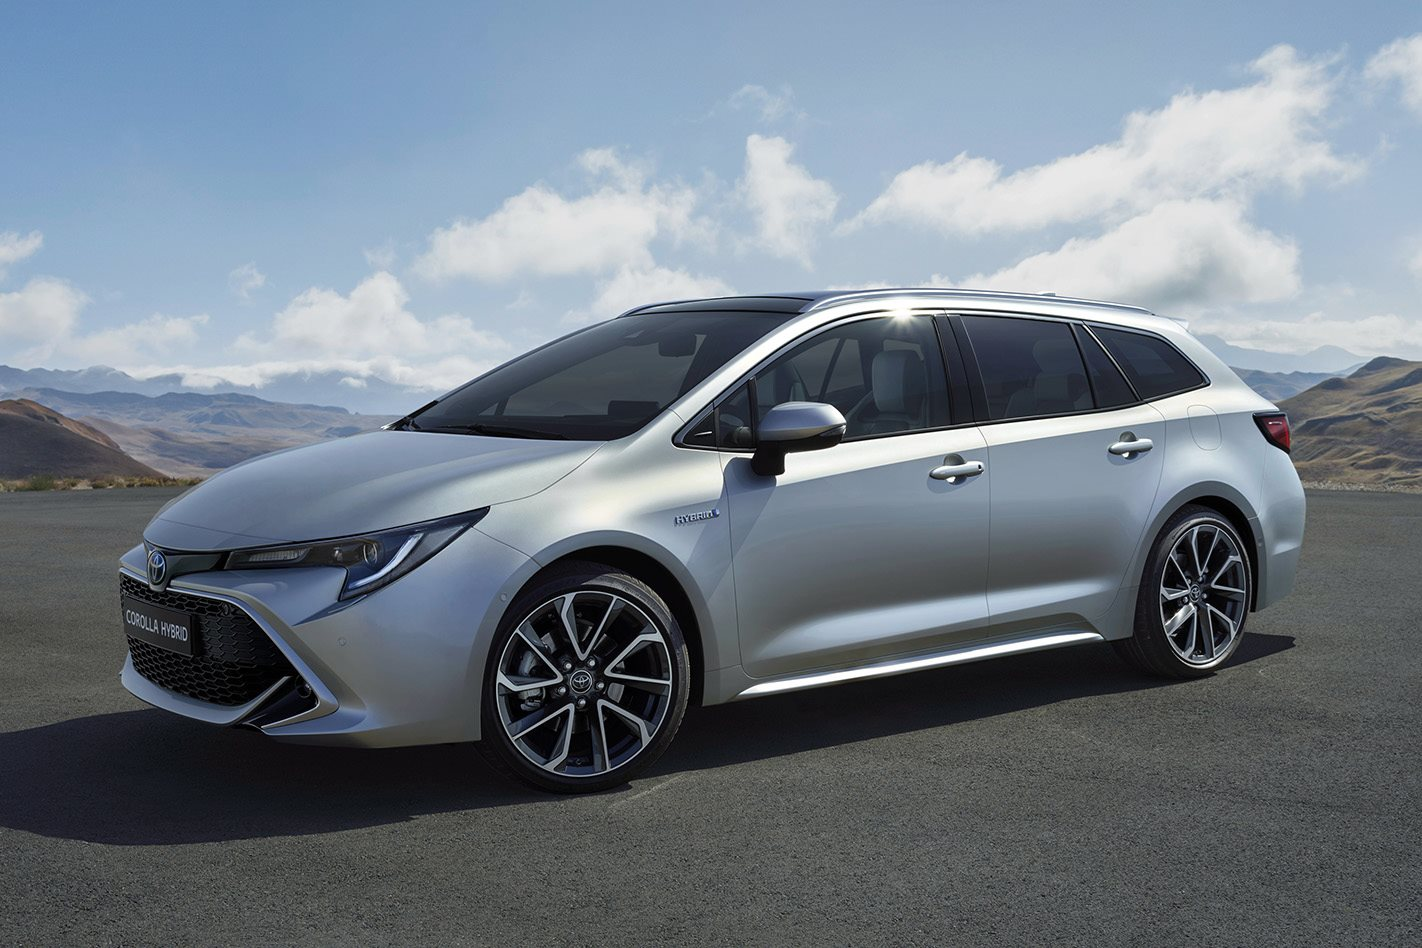 Kelebihan Kekurangan Toyota Corolla Wagon 2019 Perbandingan Harga